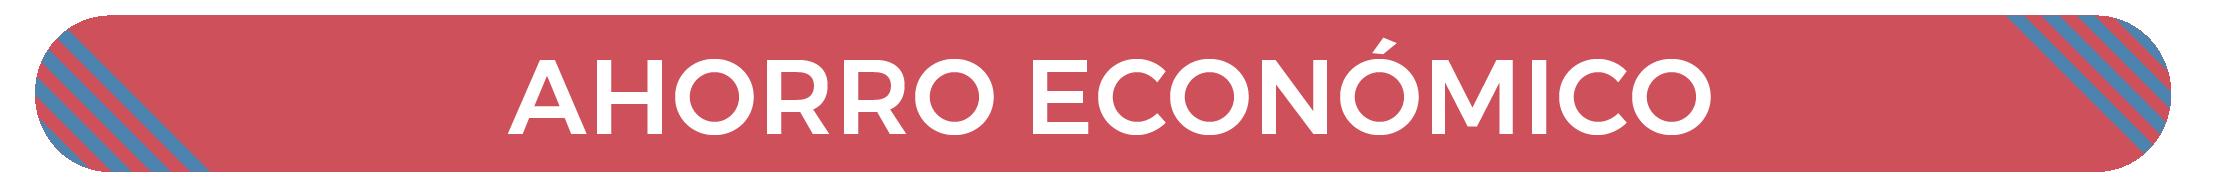 ahorro energético y económico al estudiar ingles con manpower english